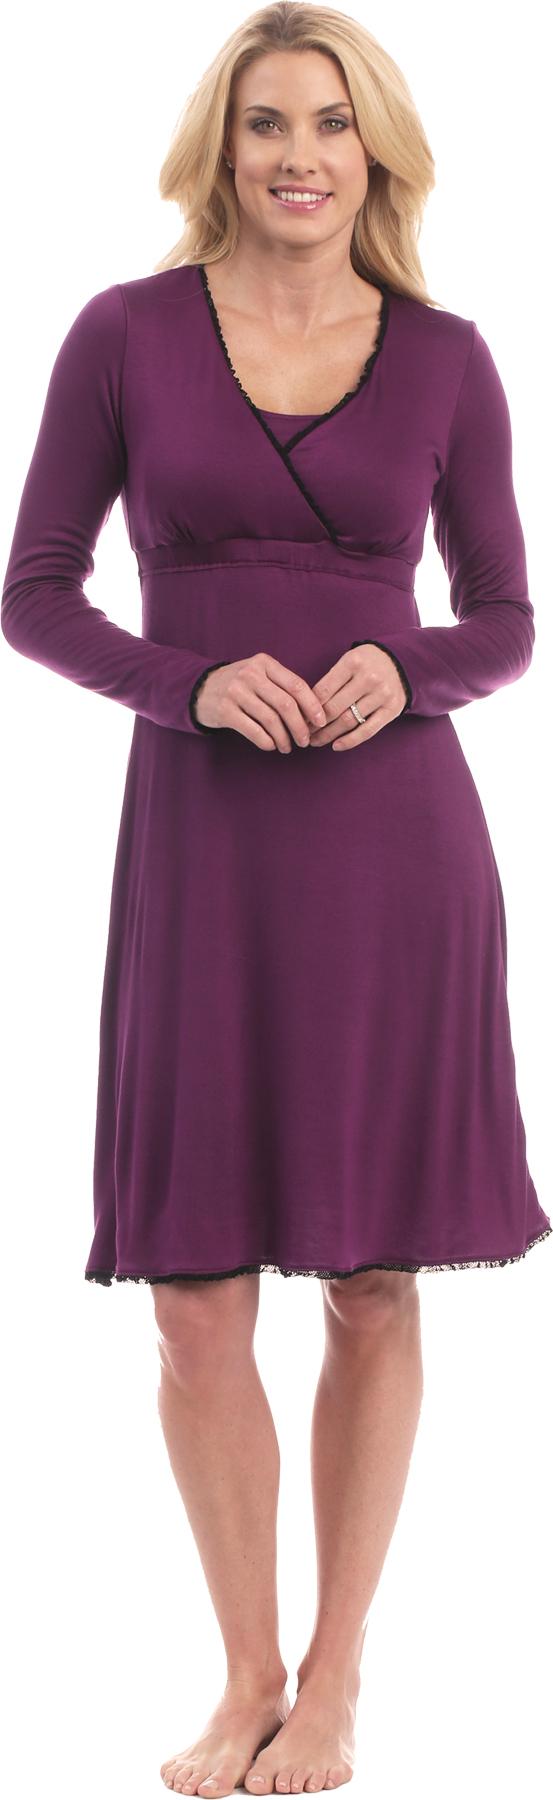 majamas-natalie-nursing-gown-grape.jpg